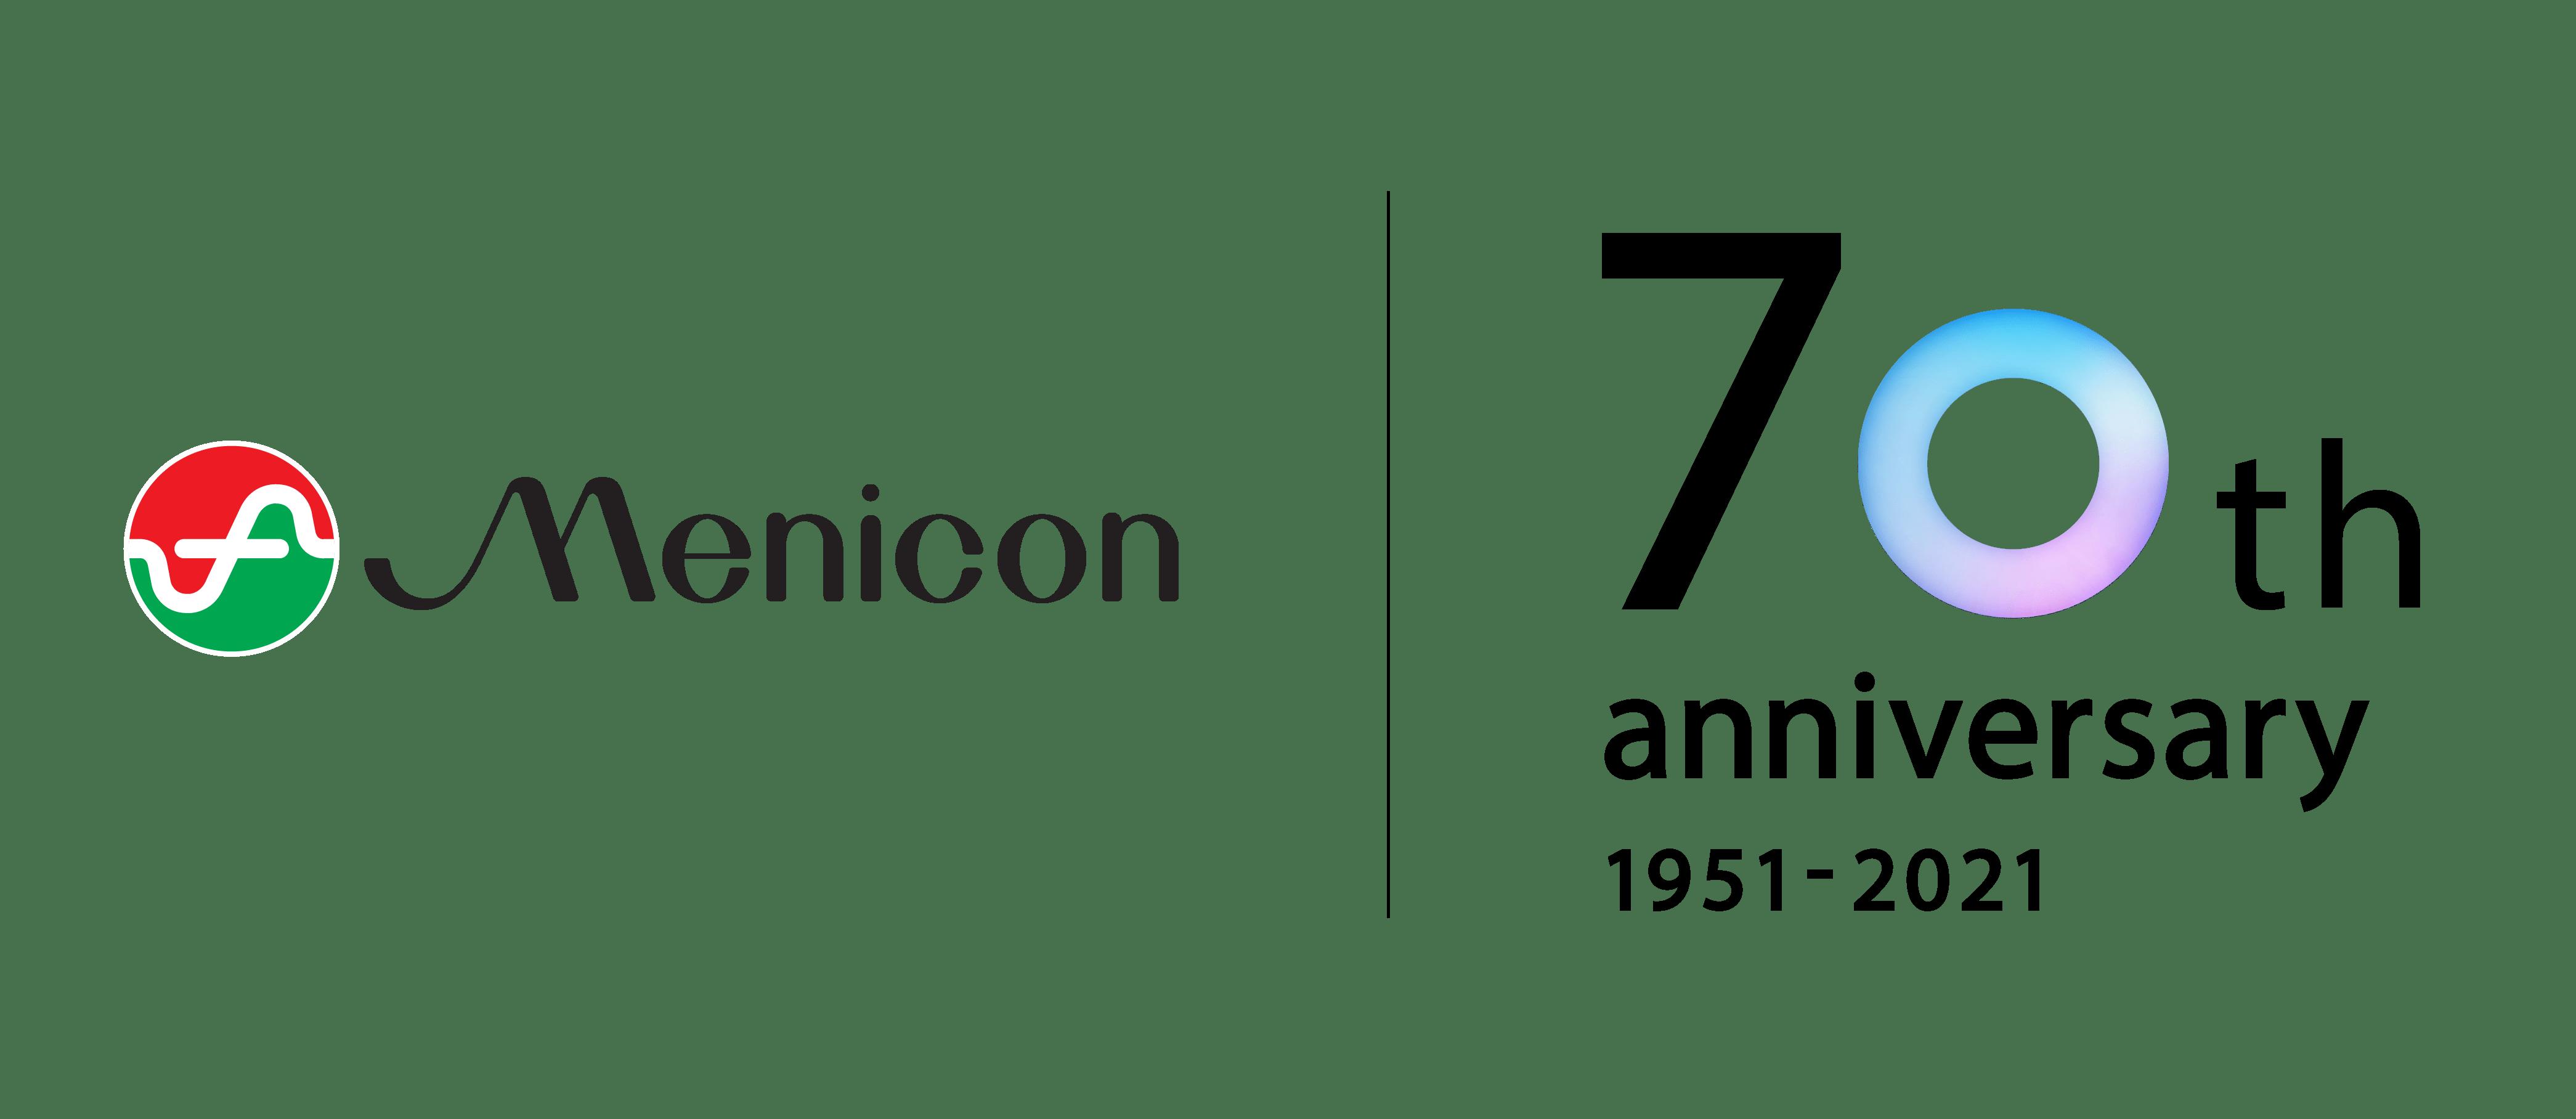 Photo de l'article - Menicon célèbre son 70e anniversaire